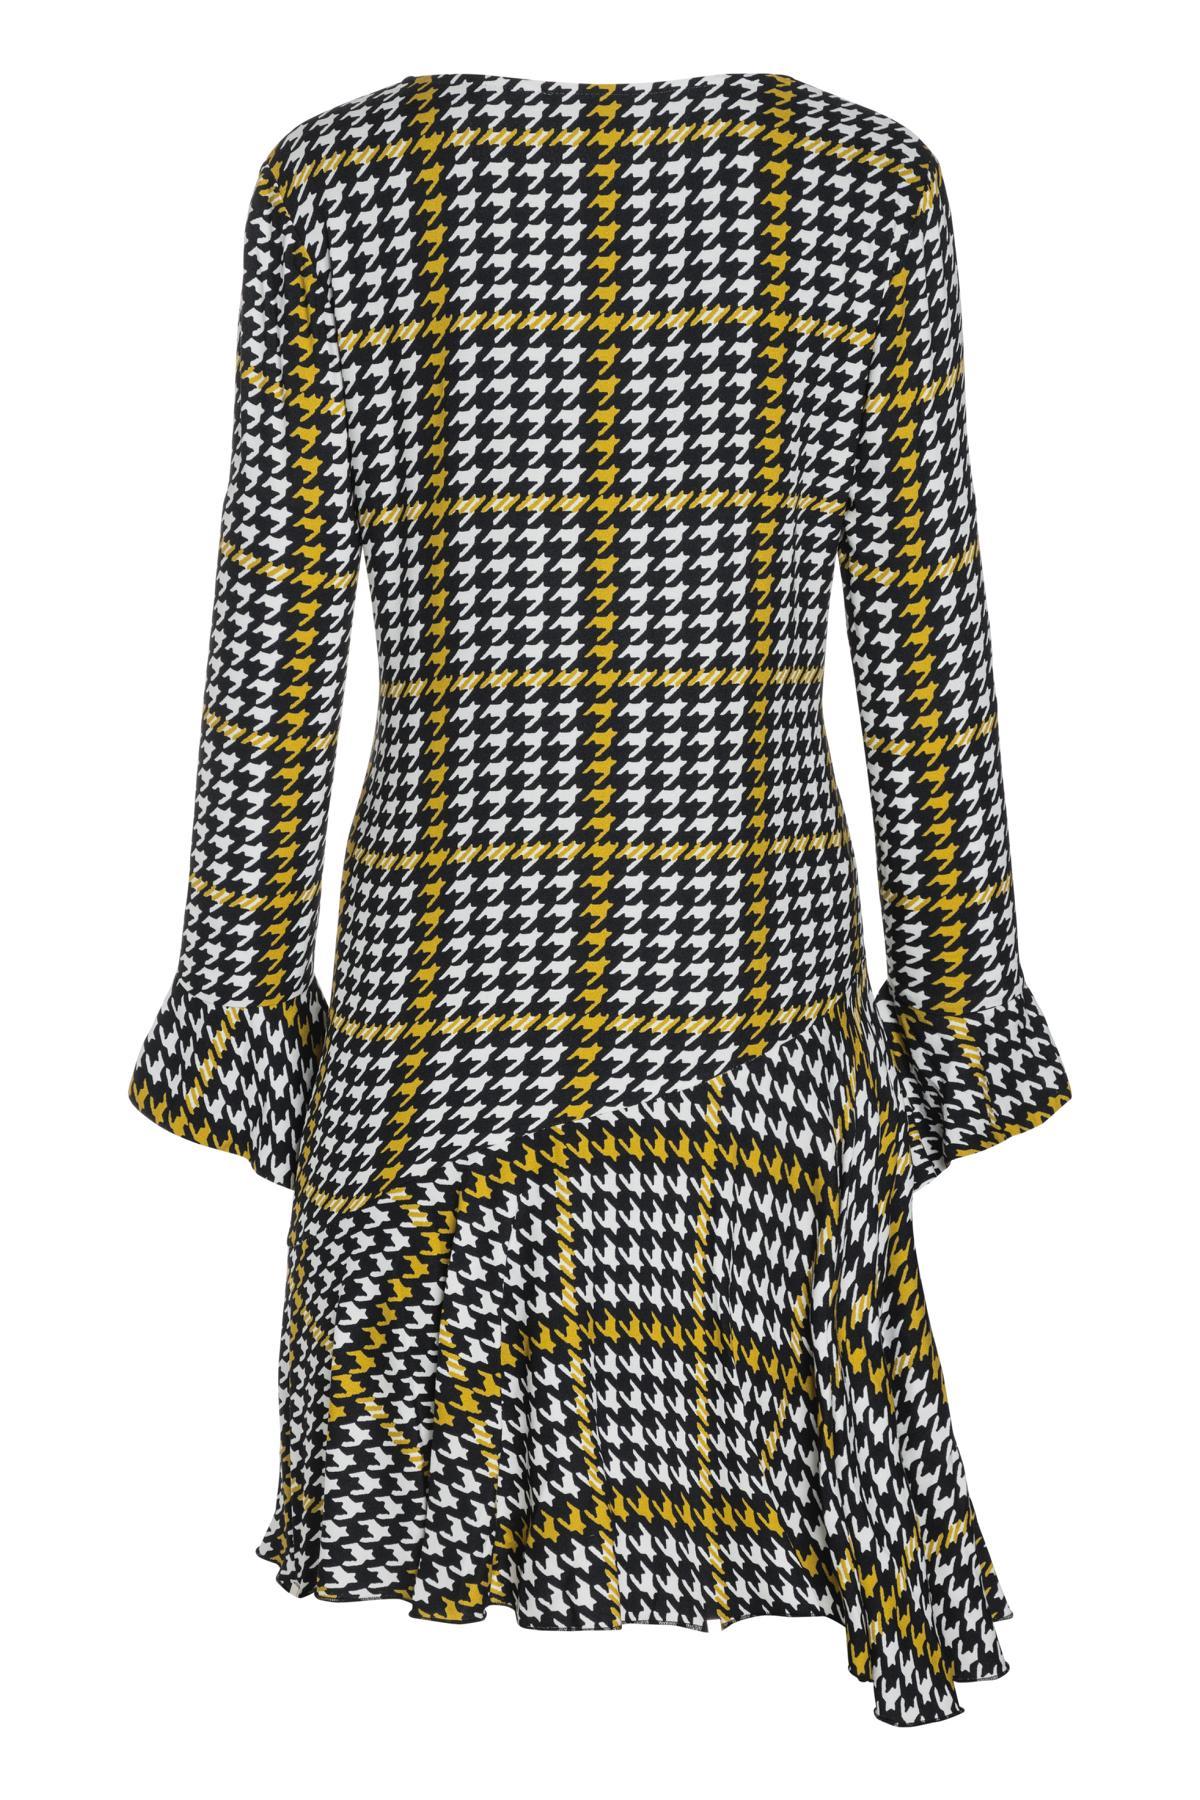 Rückansicht von Ana Alcazar Limited Asymmetrisches Kleid Omaiza